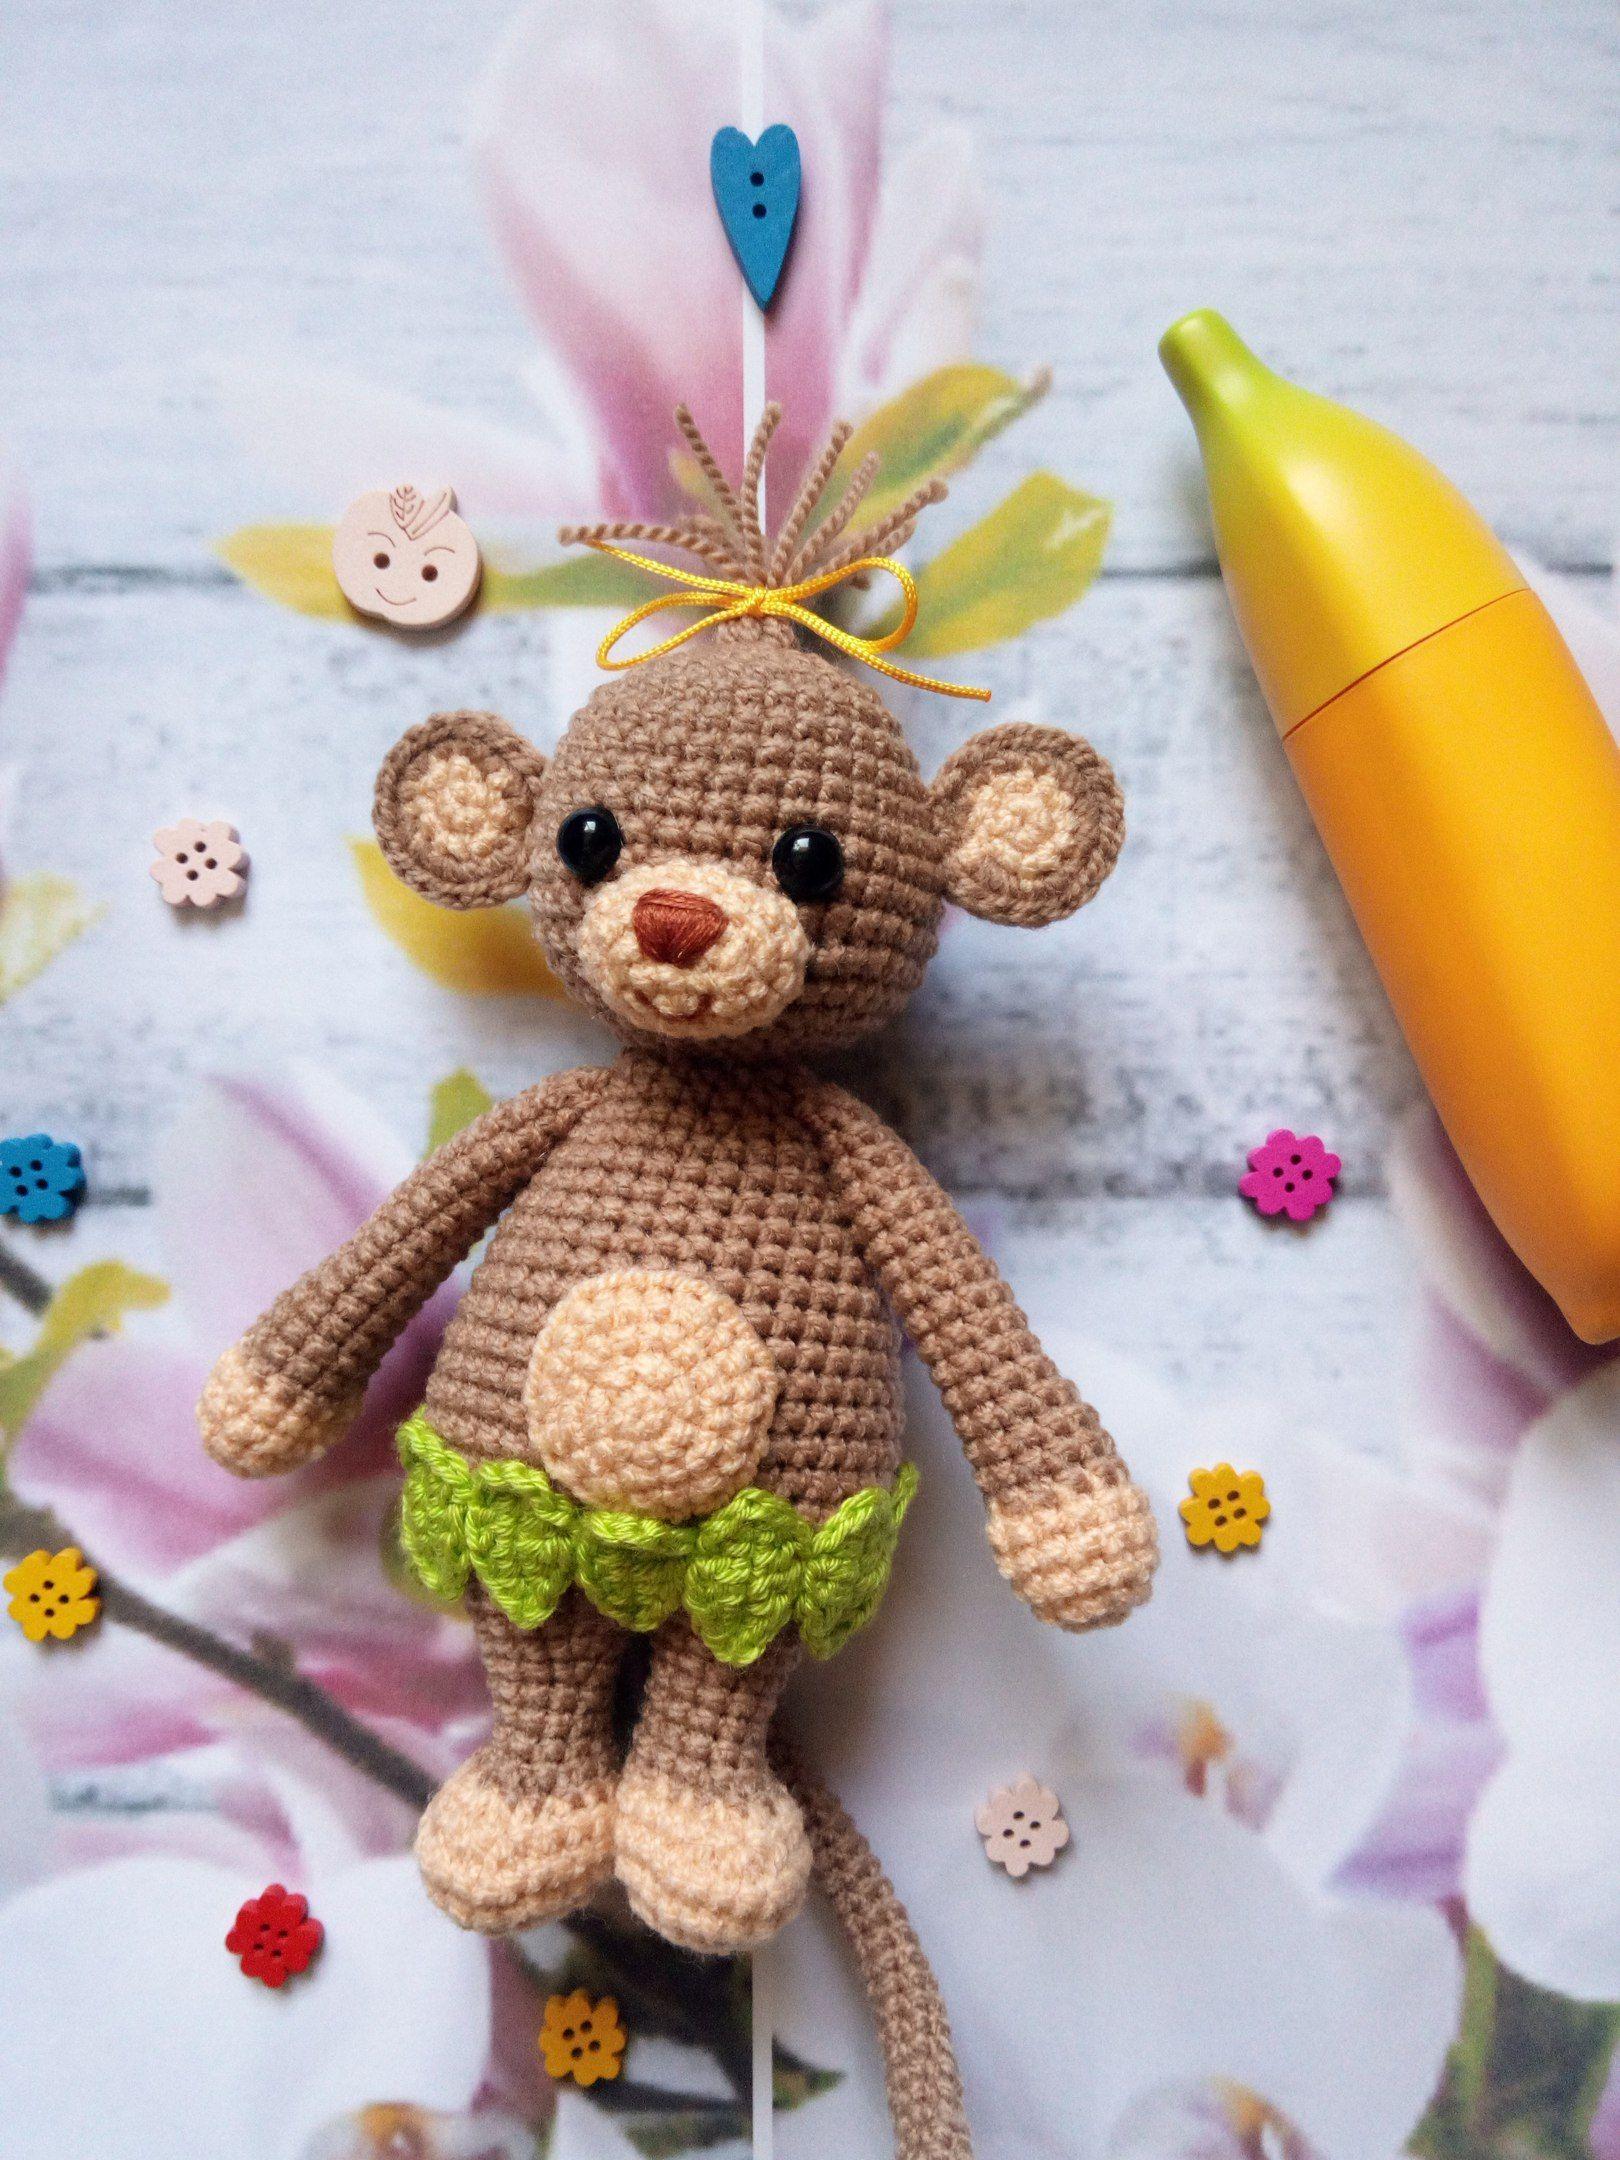 Cuddle Me Monkey amigurumi pattern | Pinterest | Kinderspielzeug ...